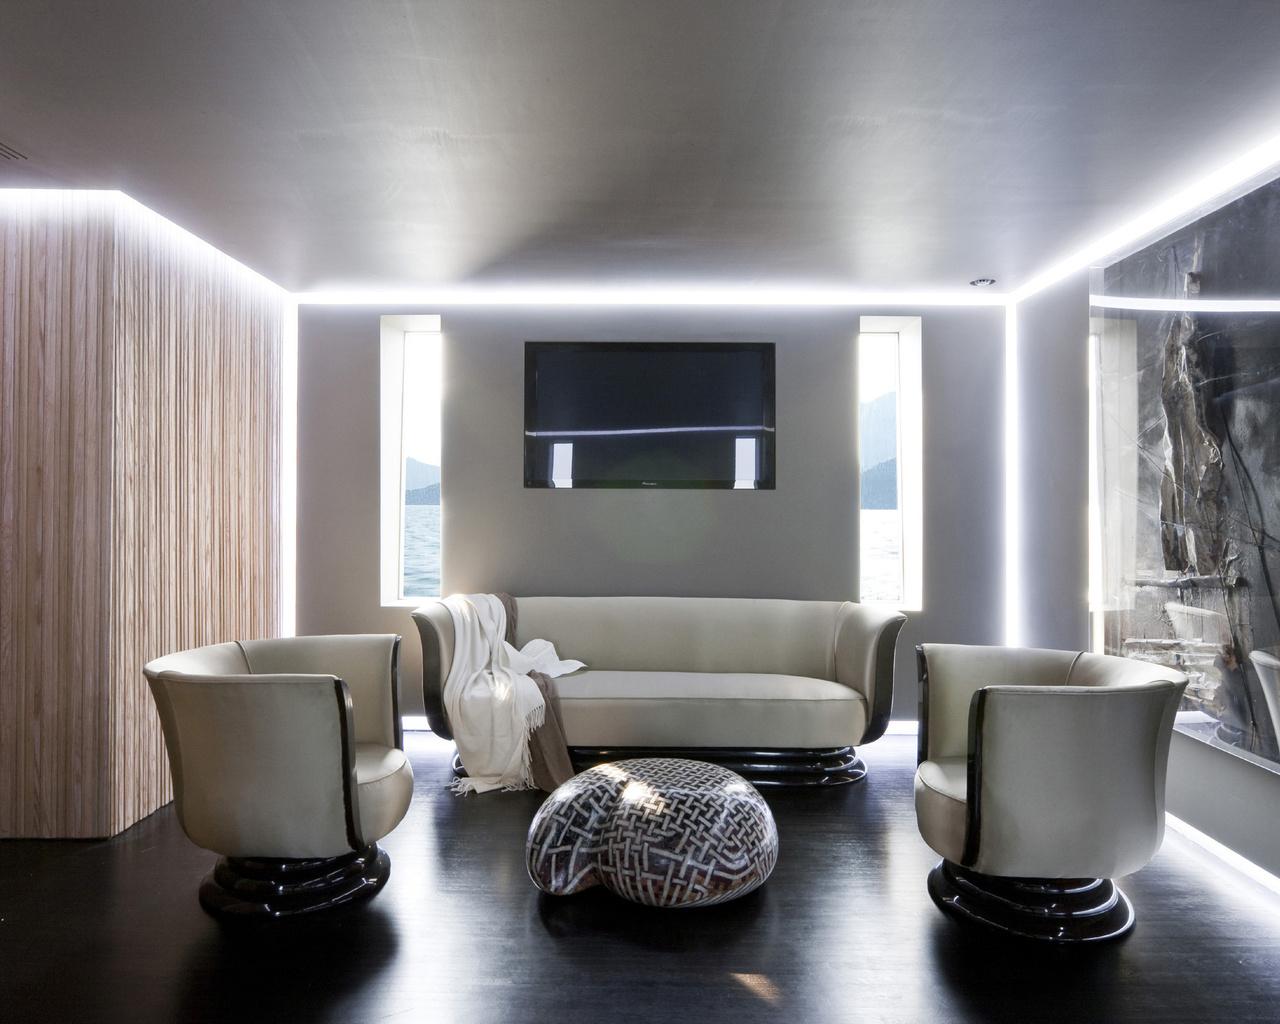 Светодиодная подсветка потолка в стиле хай-тек